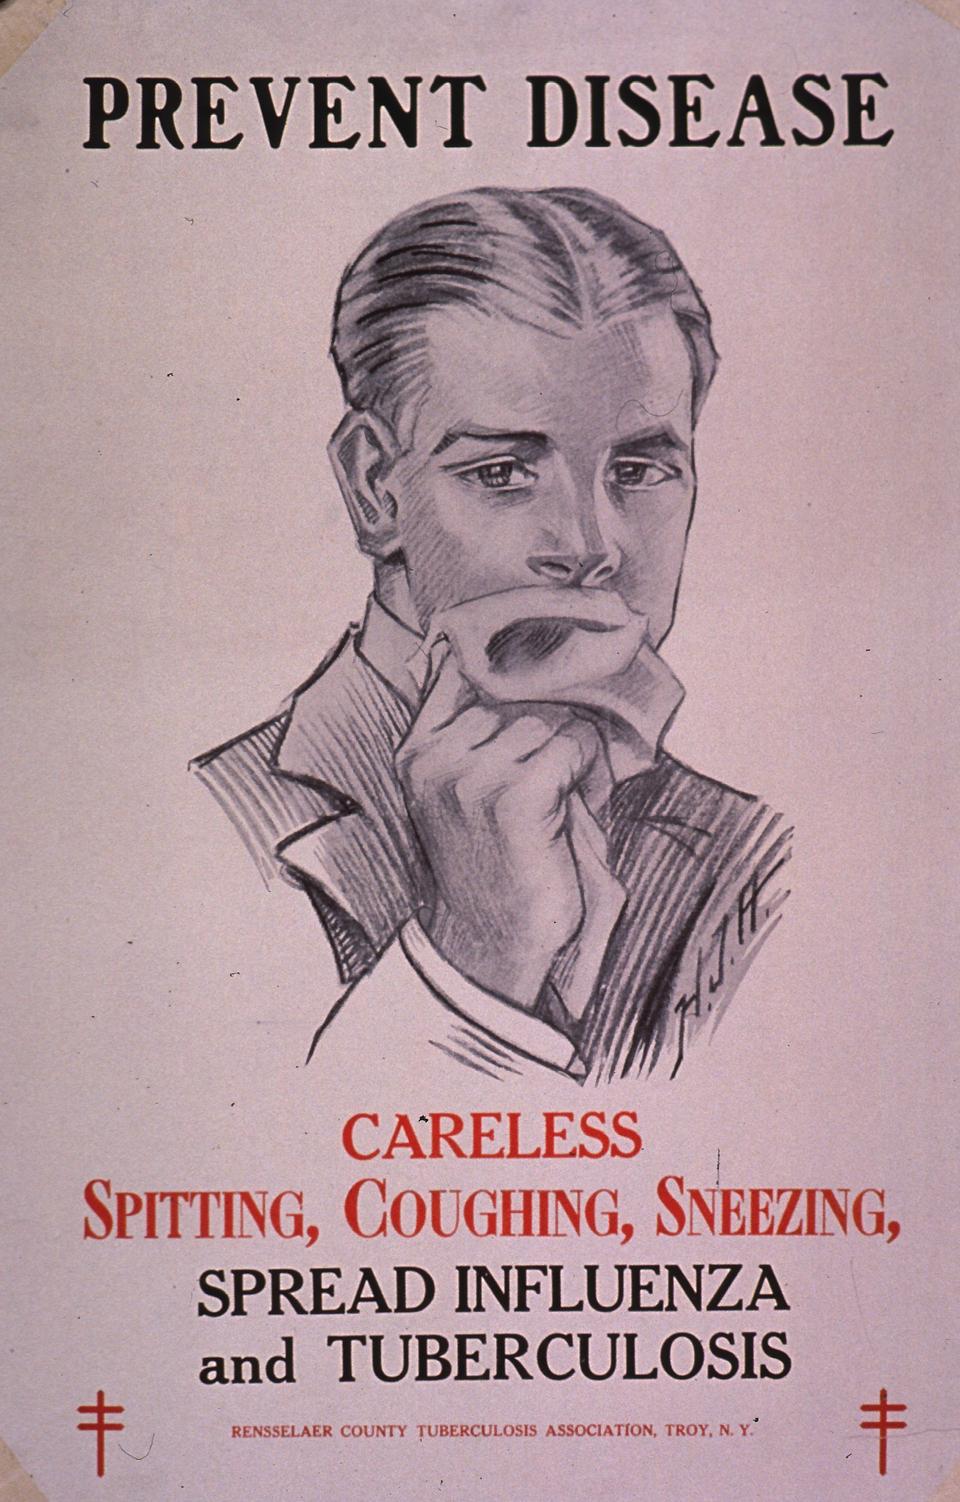 Tuberculosis Poster, ca. 1900.